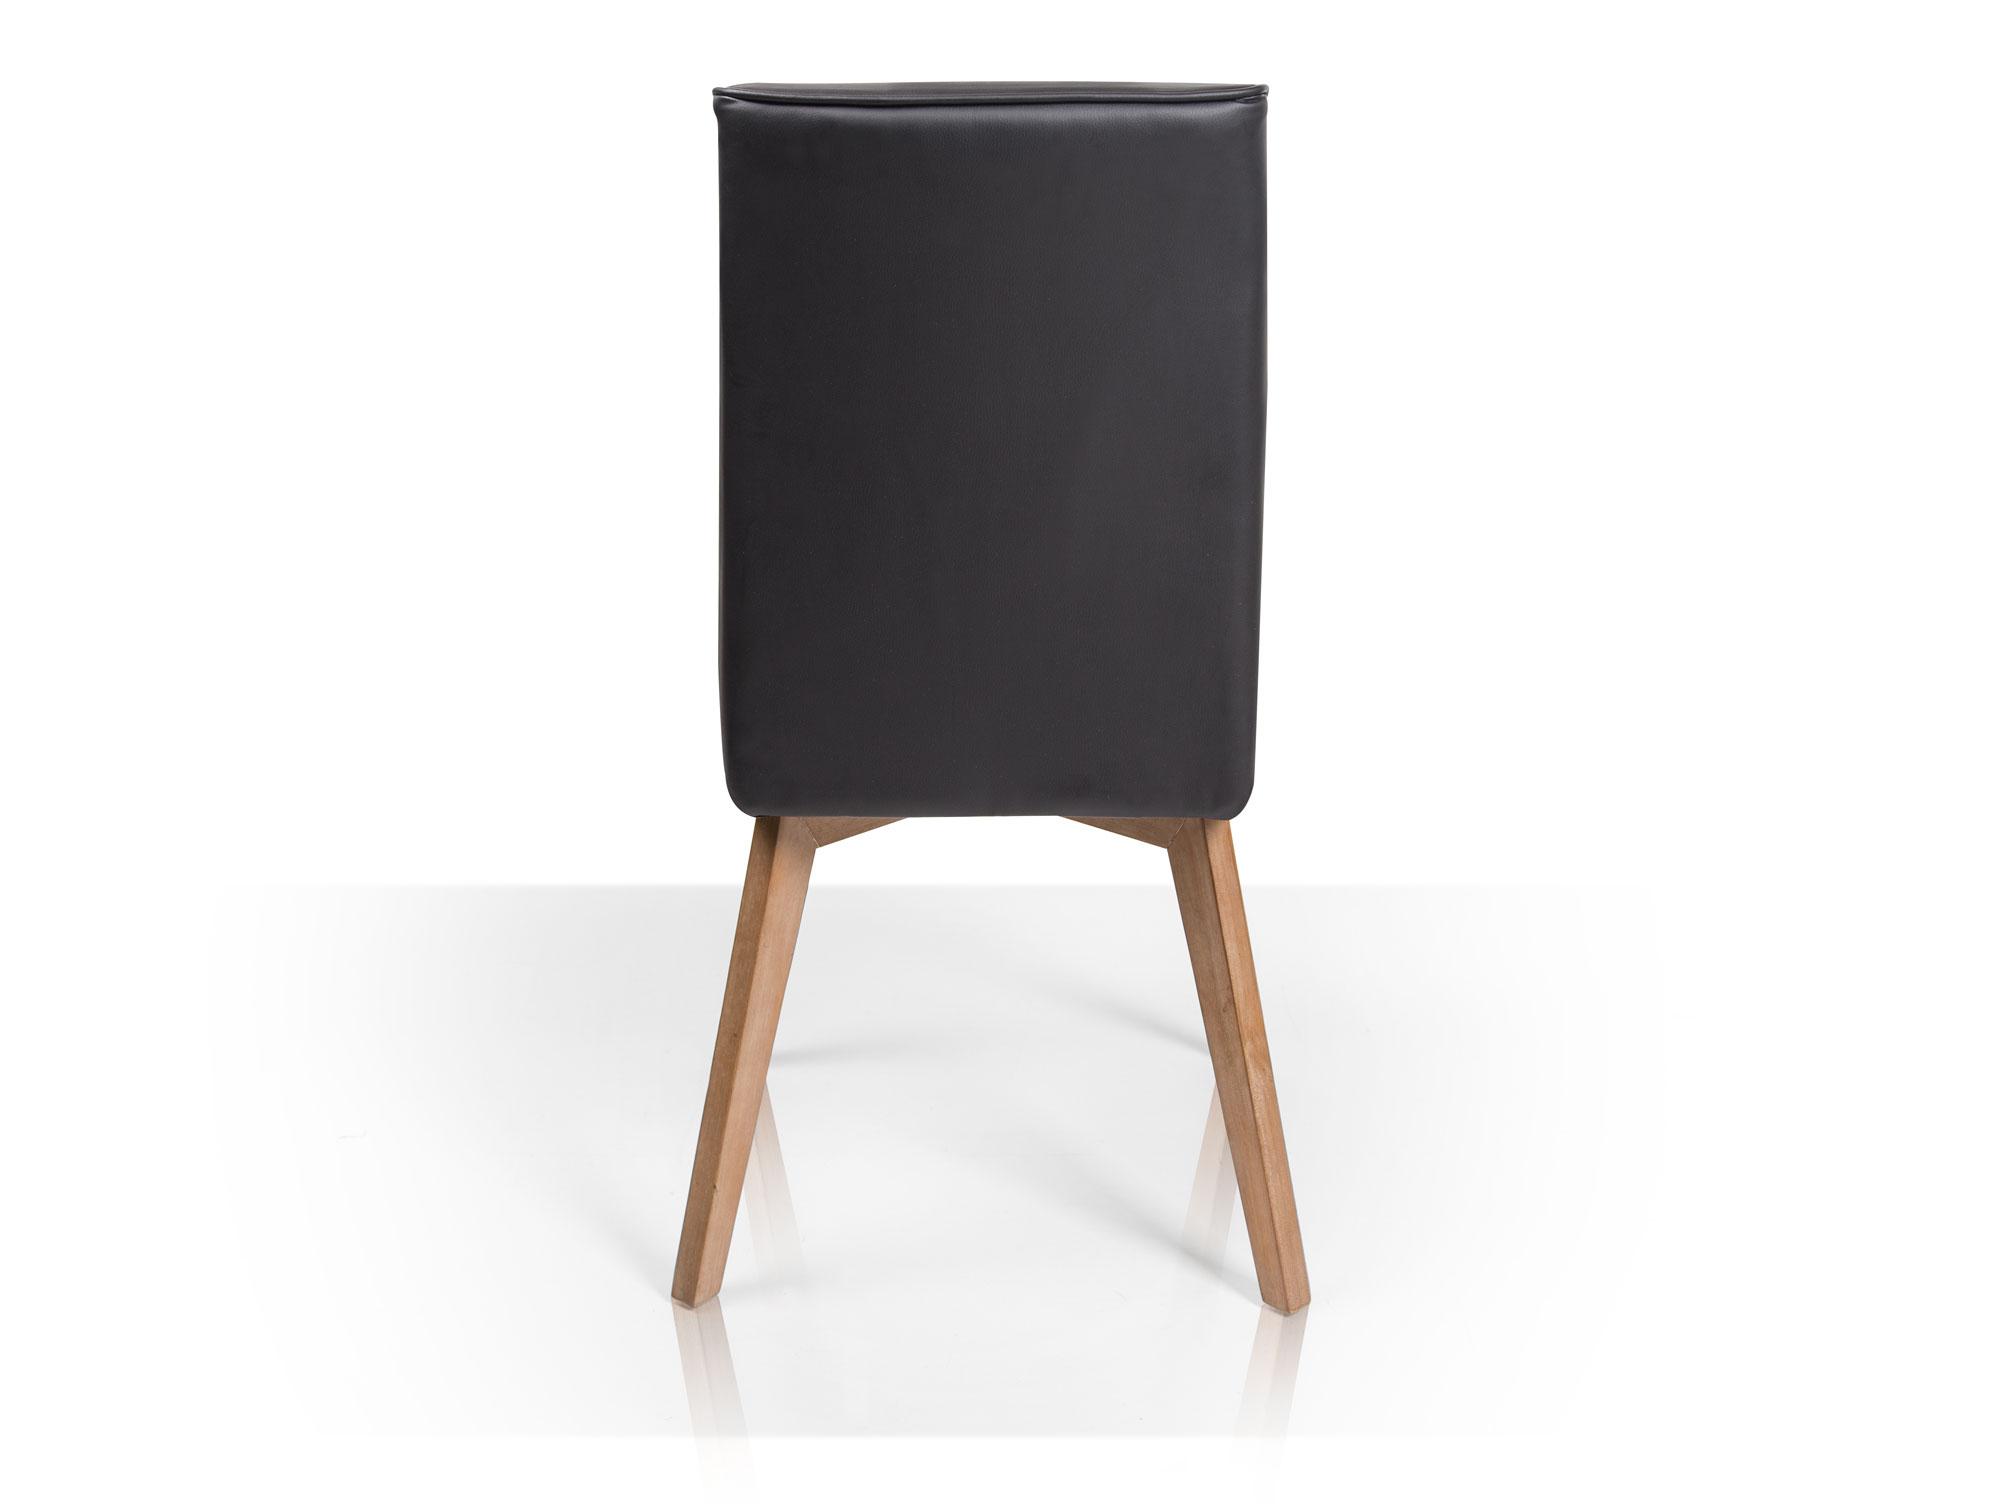 molly polsterstuhl eiche kunstleder schwarz. Black Bedroom Furniture Sets. Home Design Ideas